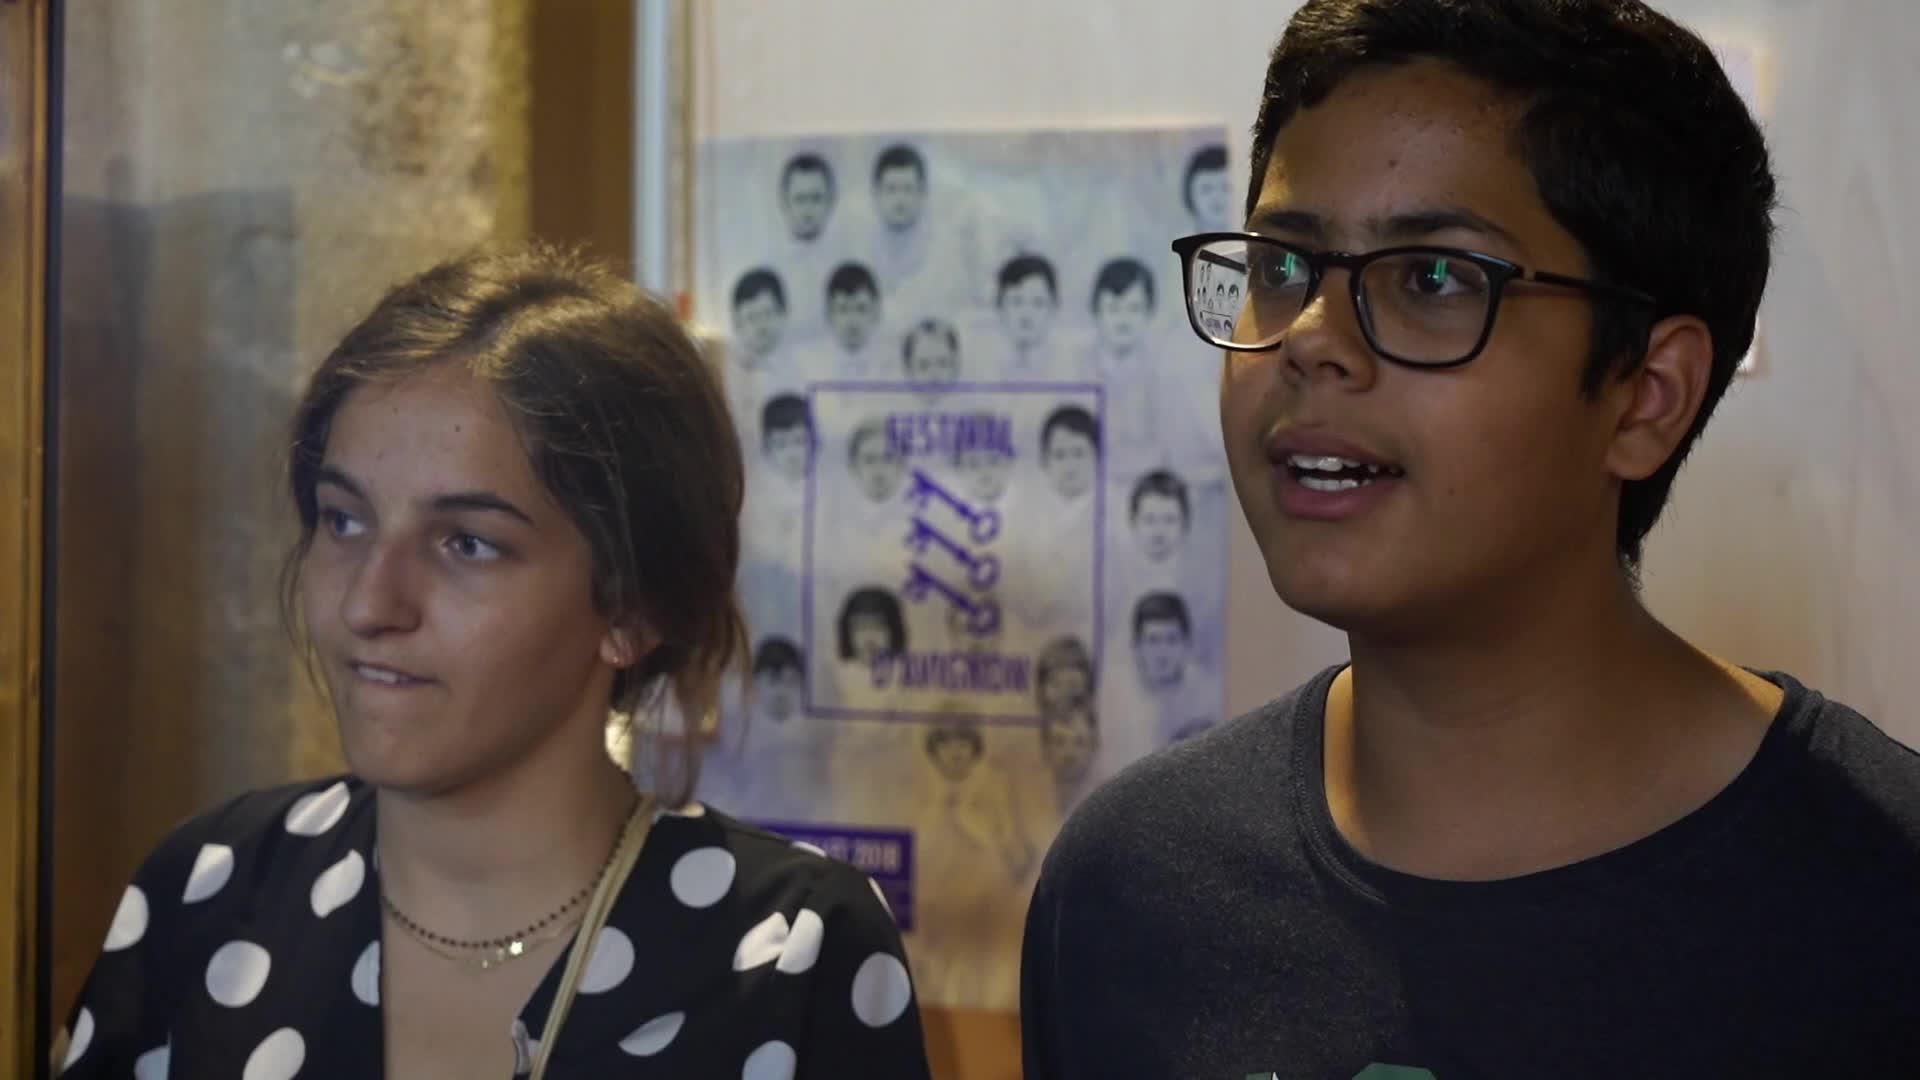 Vidéo Jeunes reporters culture - Le bruit des plis